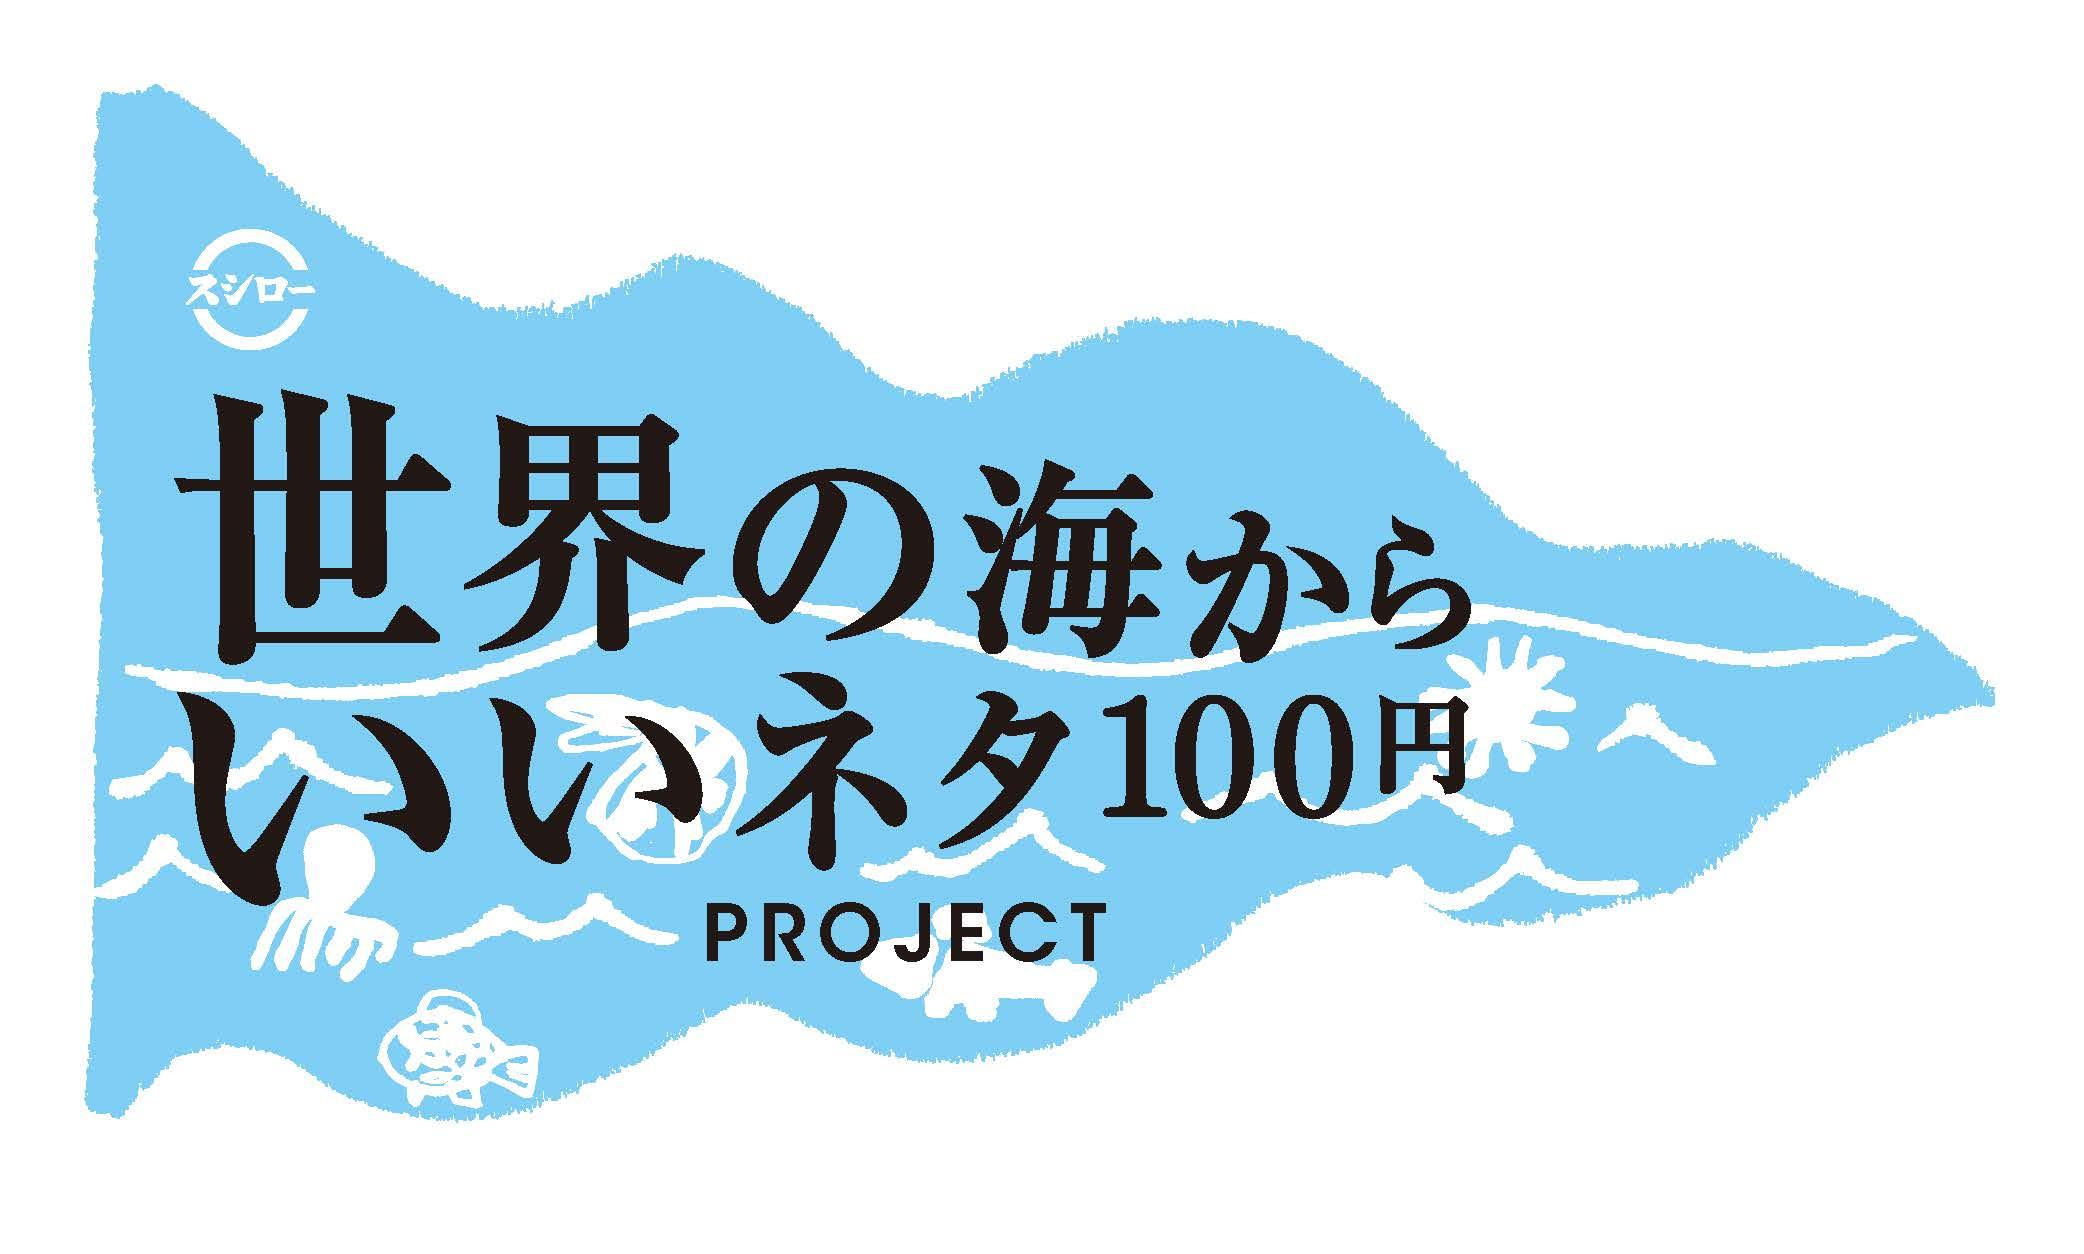 スシロー うに sushi sea urchin 100円